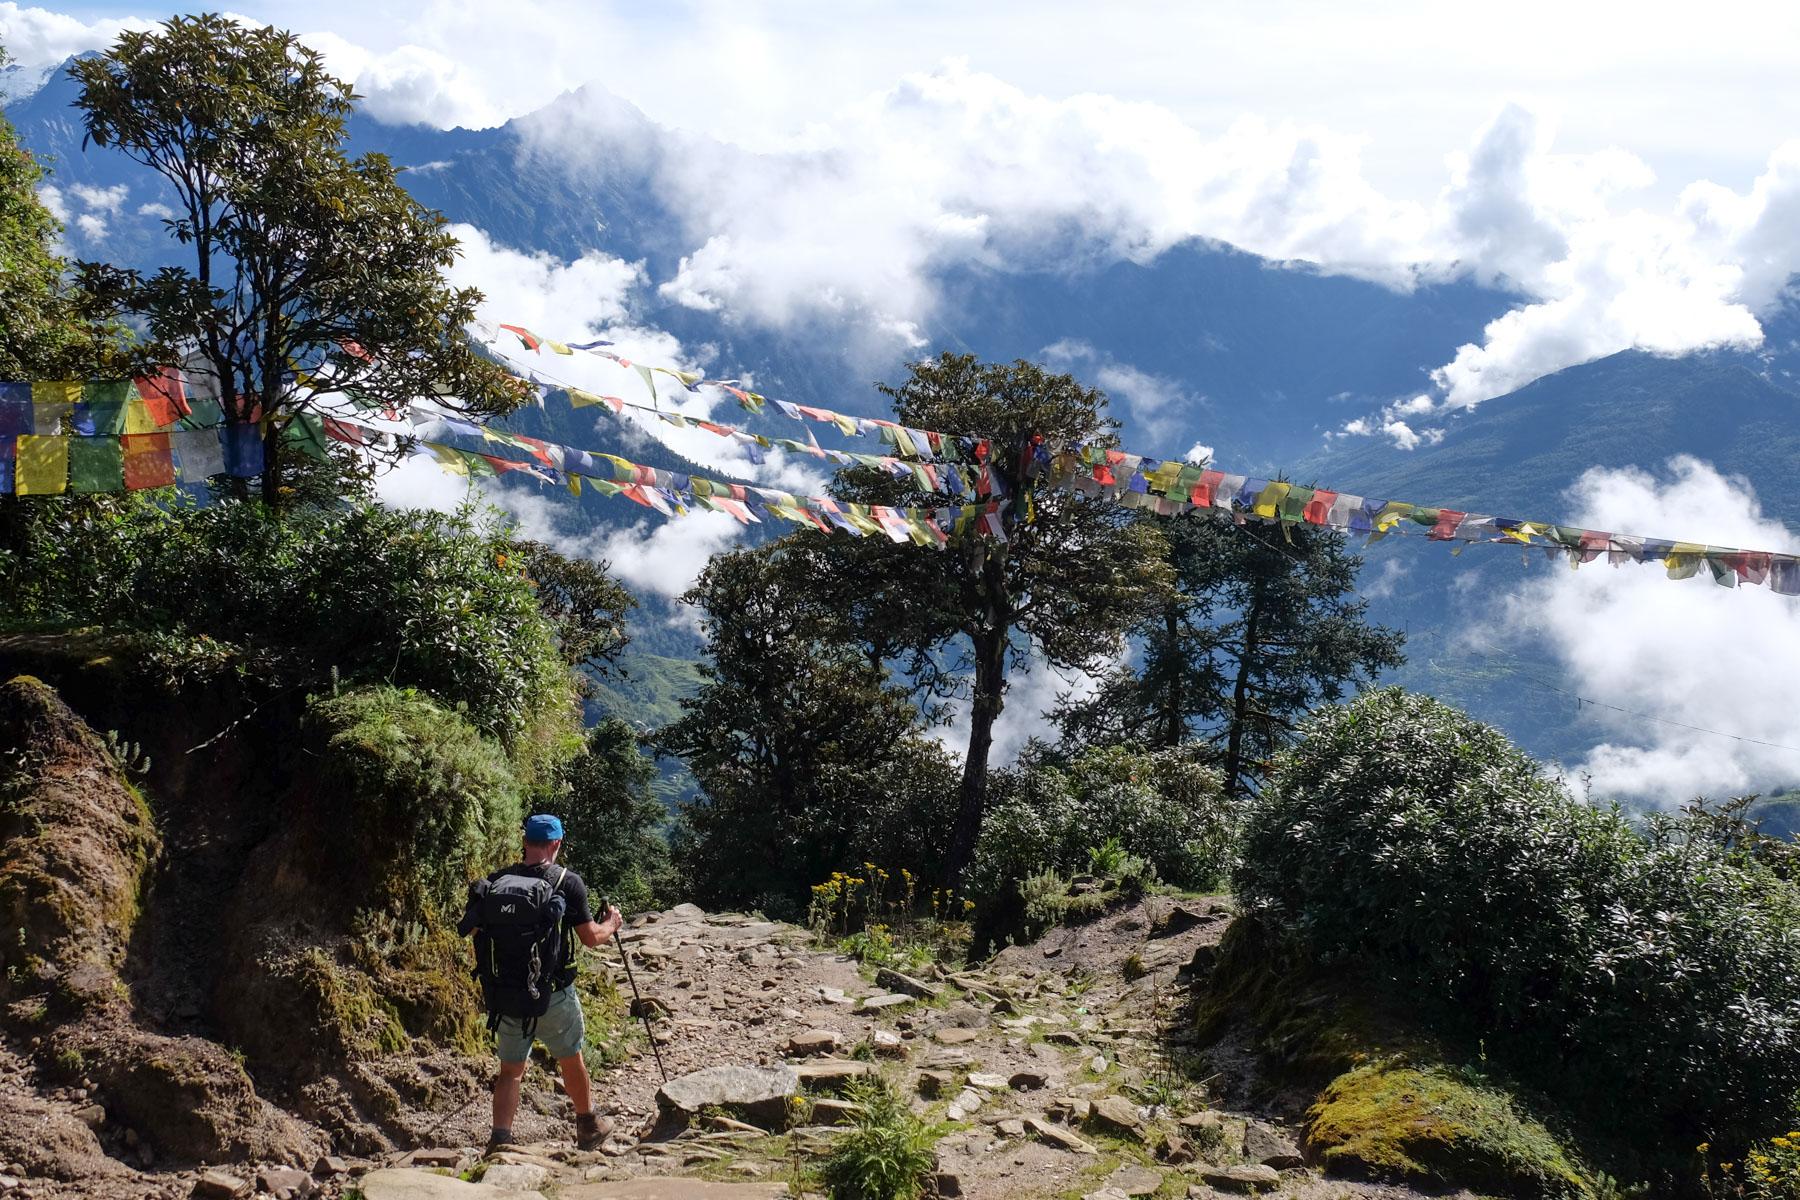 Route du Khumbu, Everest 3 pass #1 11